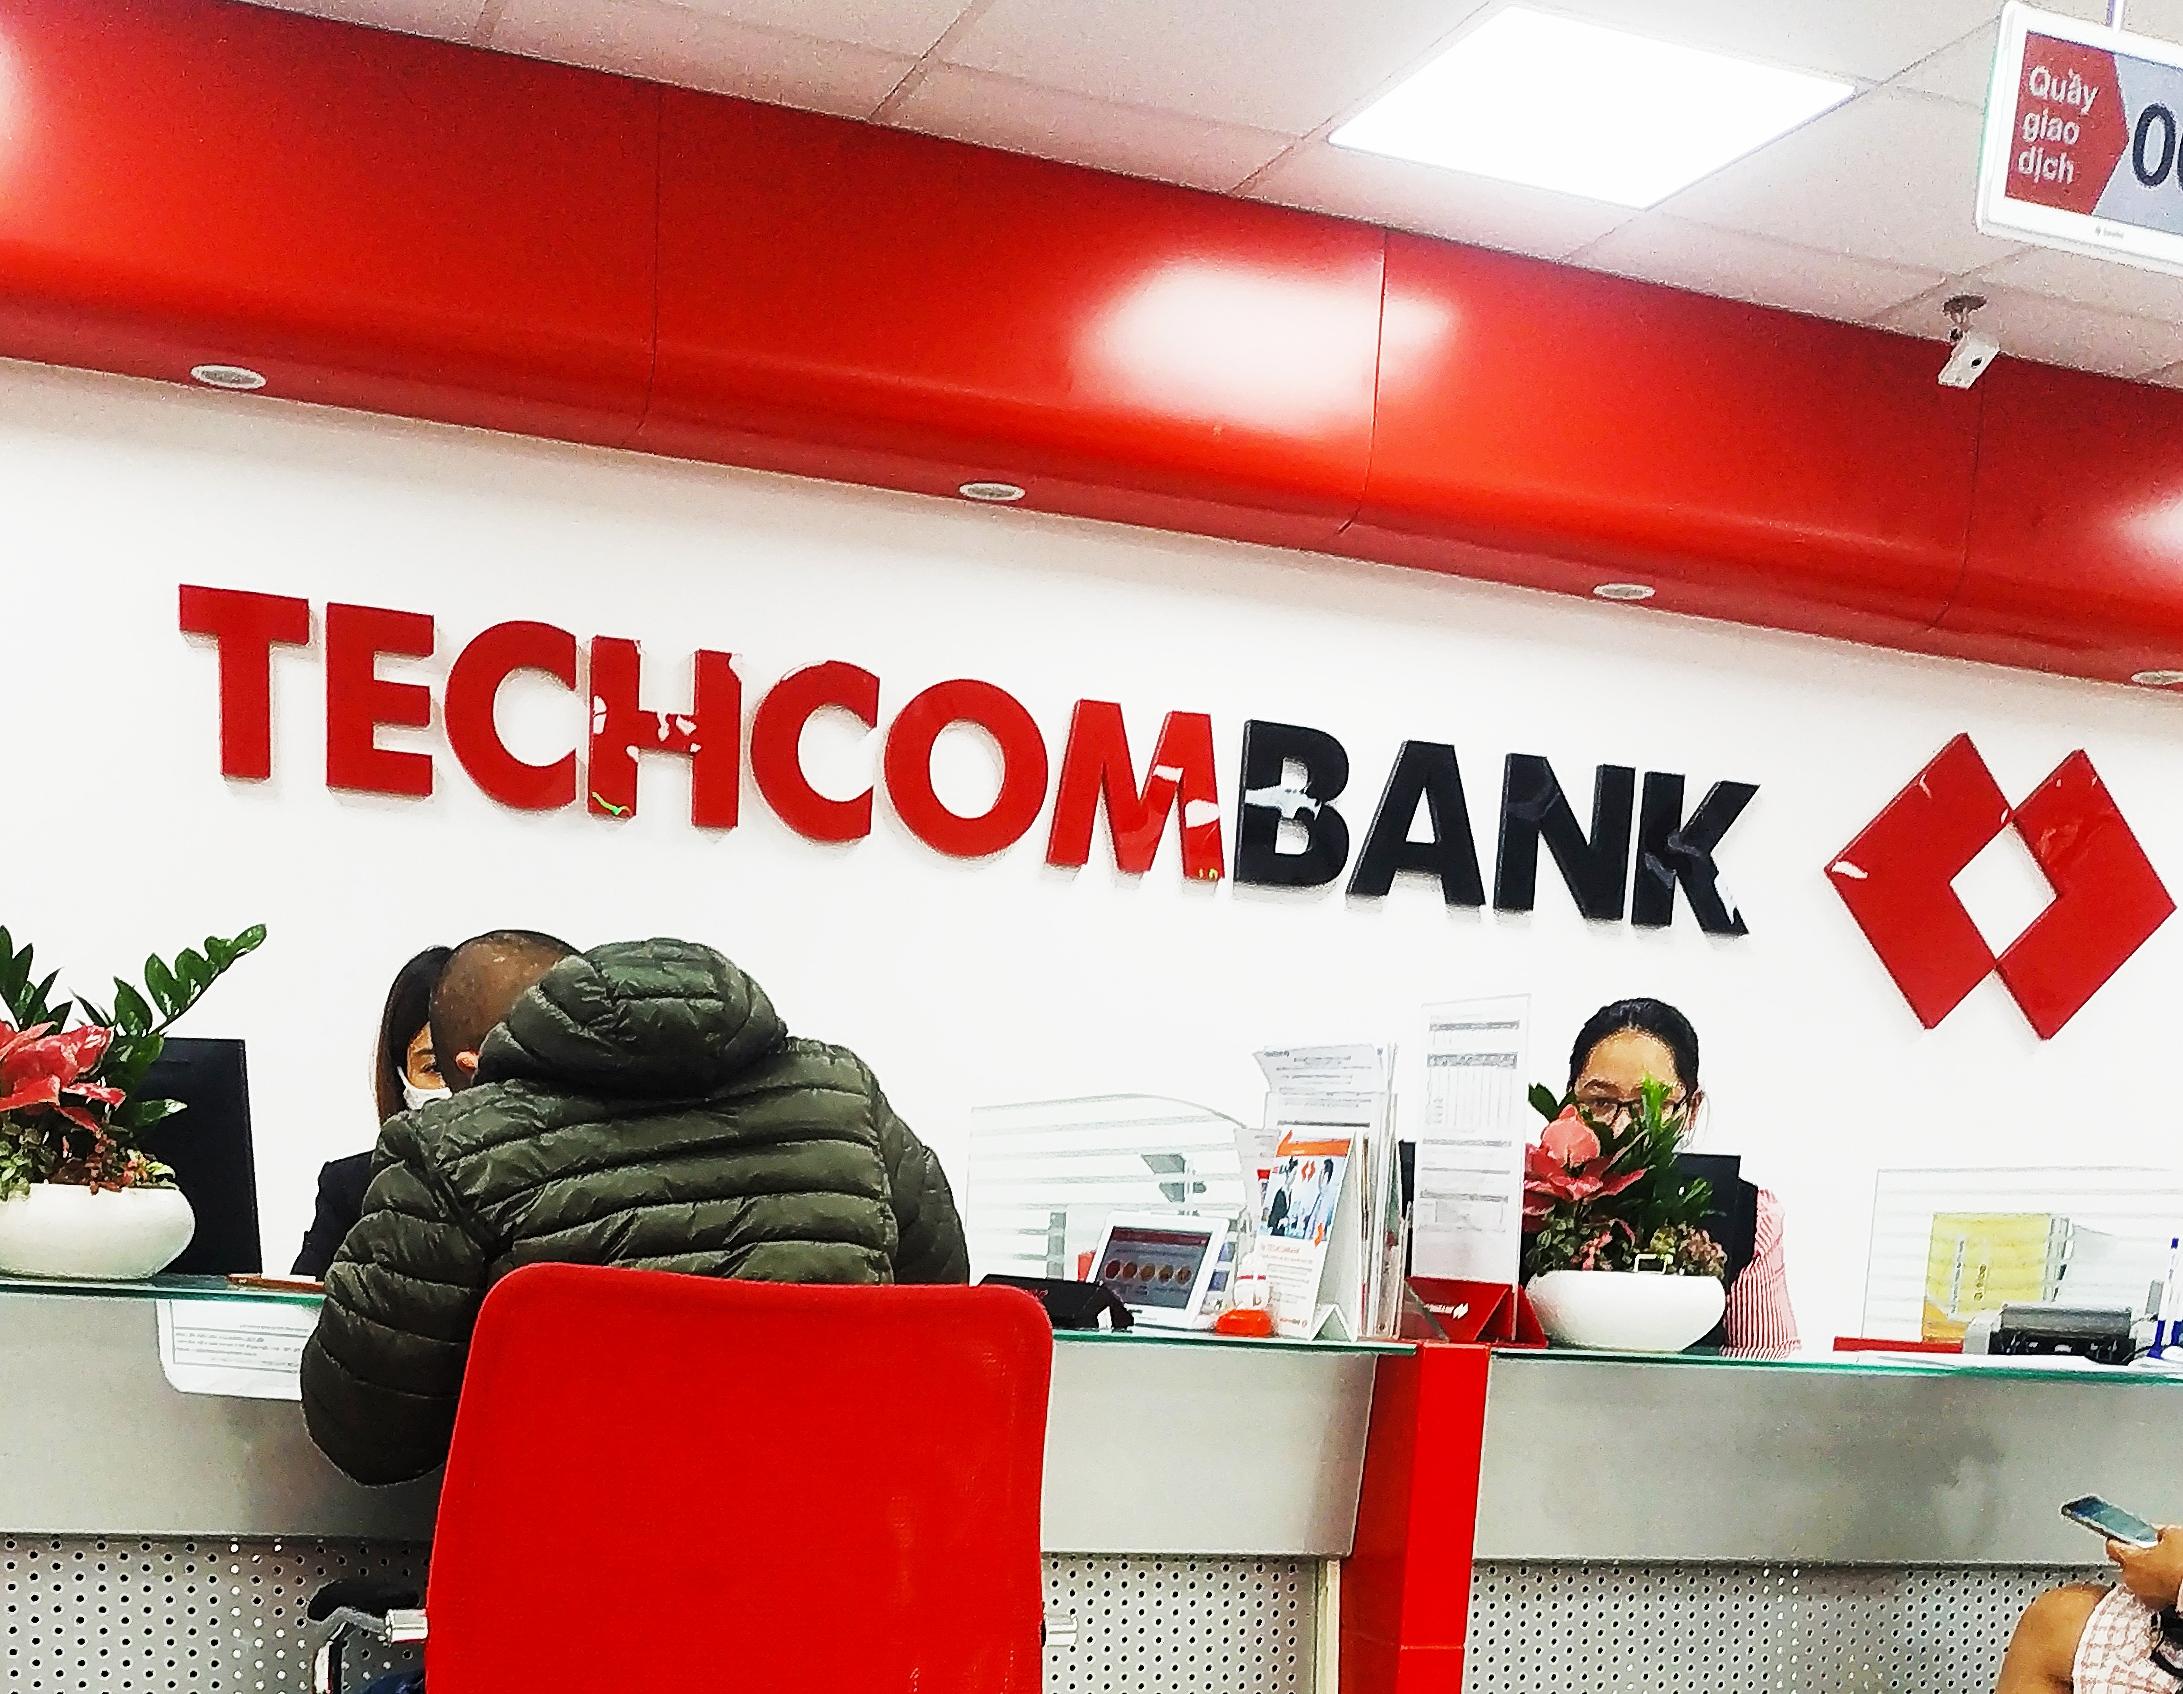 Techcombank vượt BIDV về vốn hóa - Ảnh 1.